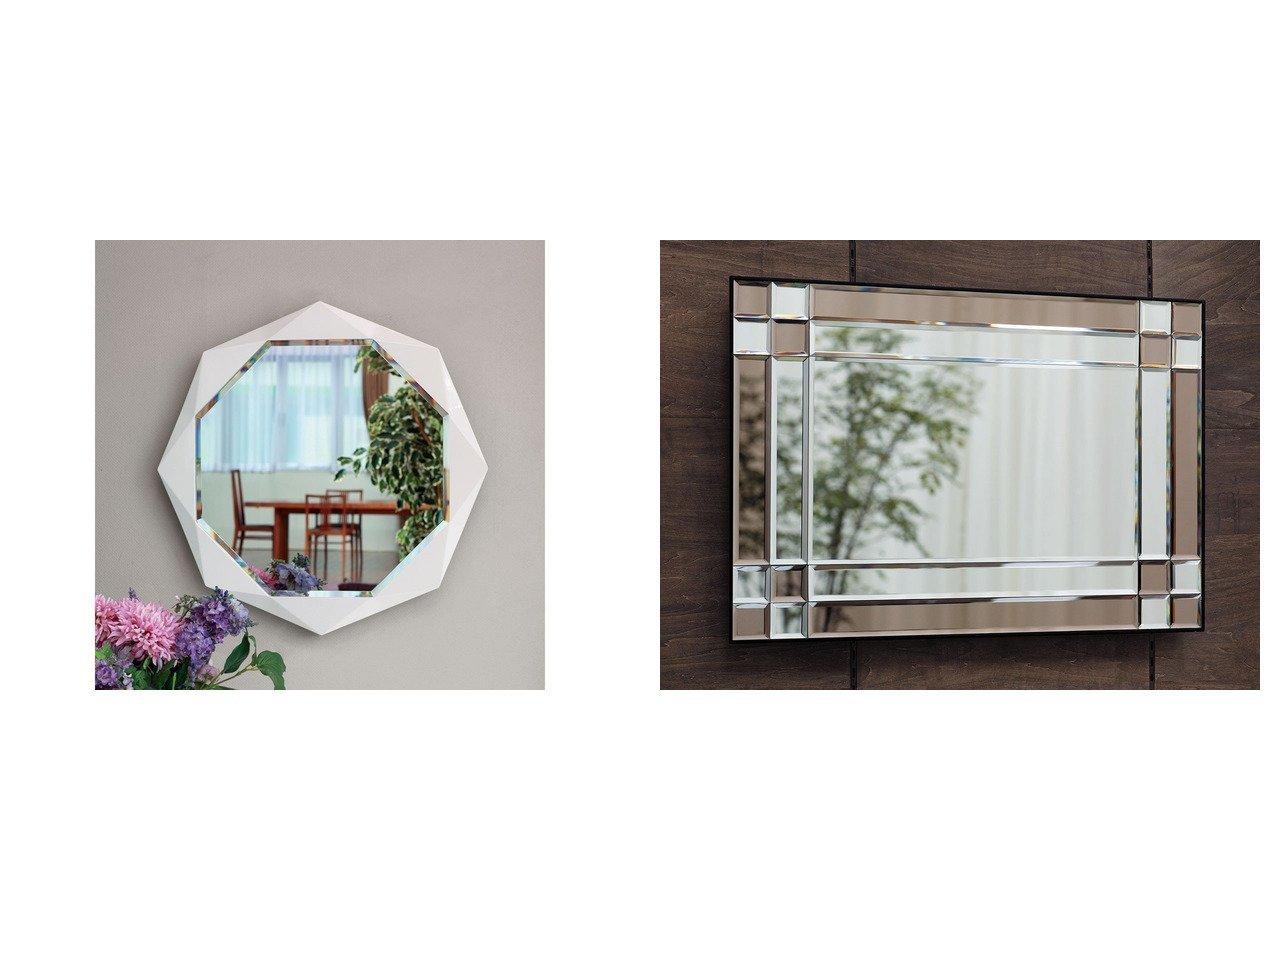 【FLYMEe Blanc/フライミー ブラン】のウォールミラー m7782&ウォールミラー m77137 【FURNITURE】おすすめ!人気、インテリア雑貨・家具の通販 おすすめで人気の流行・トレンド、ファッションの通販商品 インテリア・家具・メンズファッション・キッズファッション・レディースファッション・服の通販 founy(ファニー) https://founy.com/ 送料無料 Free Shipping エレガント ダイヤモンド フレーム モノトーン ホーム・キャンプ・アウトドア Home,Garden,Outdoor,Camping Gear 家具・インテリア Furniture ミラー・ドレッサー Mirror ミラー・鏡 ホーム・キャンプ・アウトドア Home,Garden,Outdoor,Camping Gear 家具・インテリア Furniture ミラー・ドレッサー Mirror ドレッサー  ID:crp329100000055491